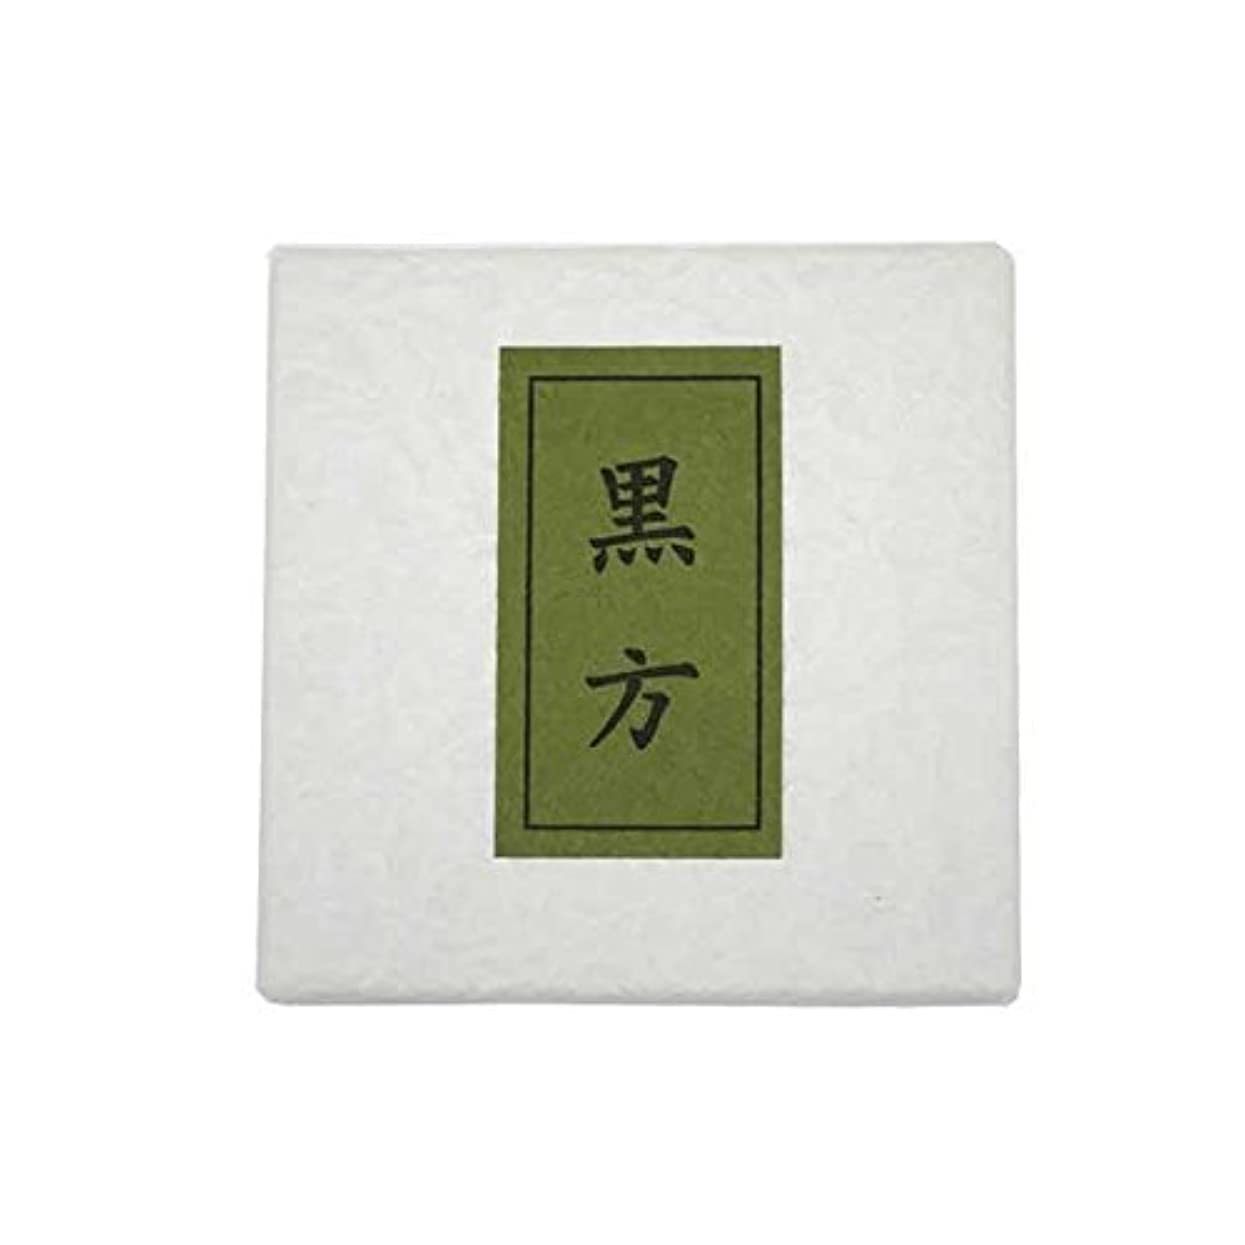 音声バブル薄める黒方 紙箱入(ビニール入)